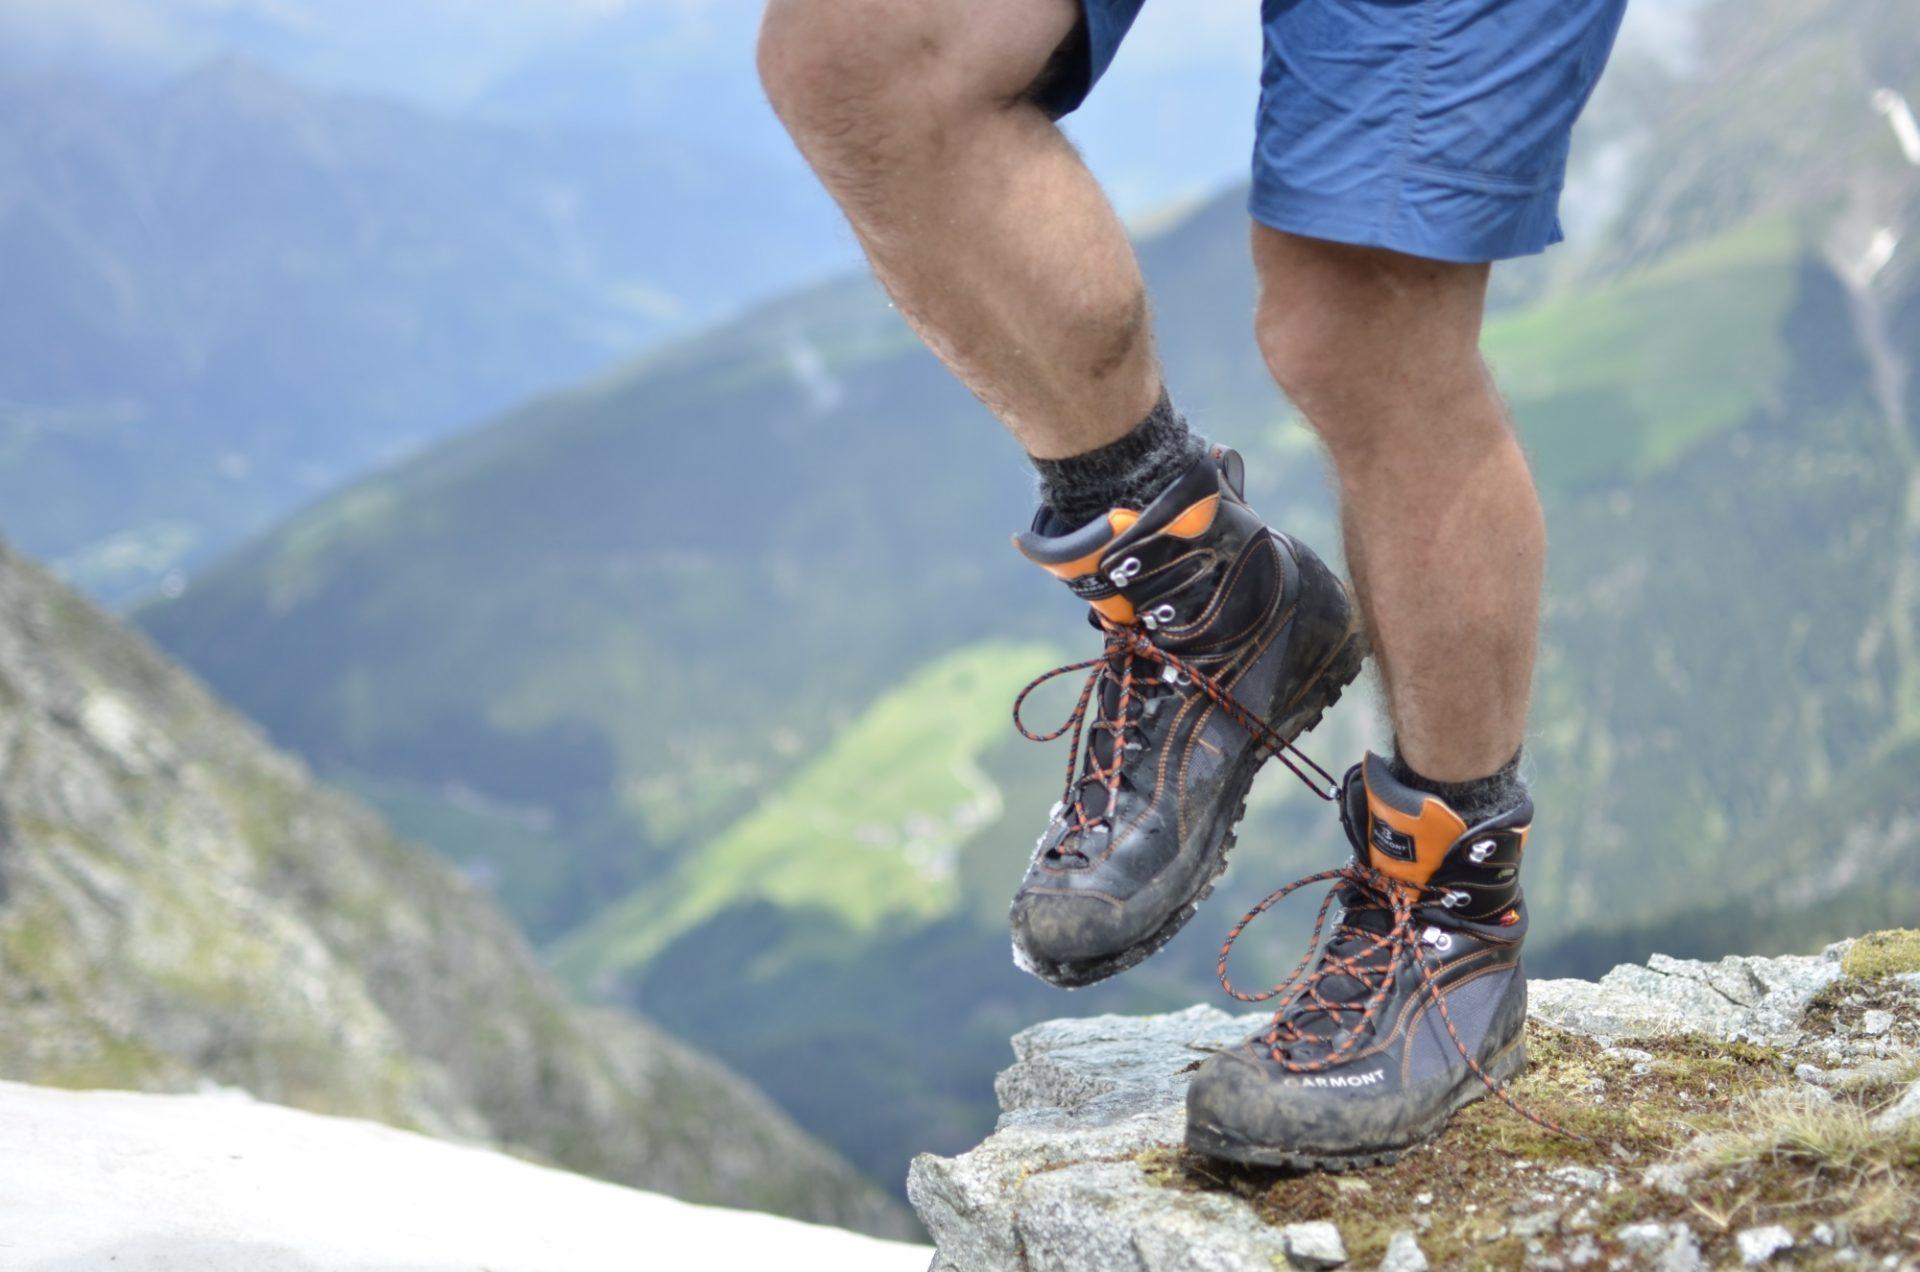 Bergsteigertipp: Der Haken am Bergschuh